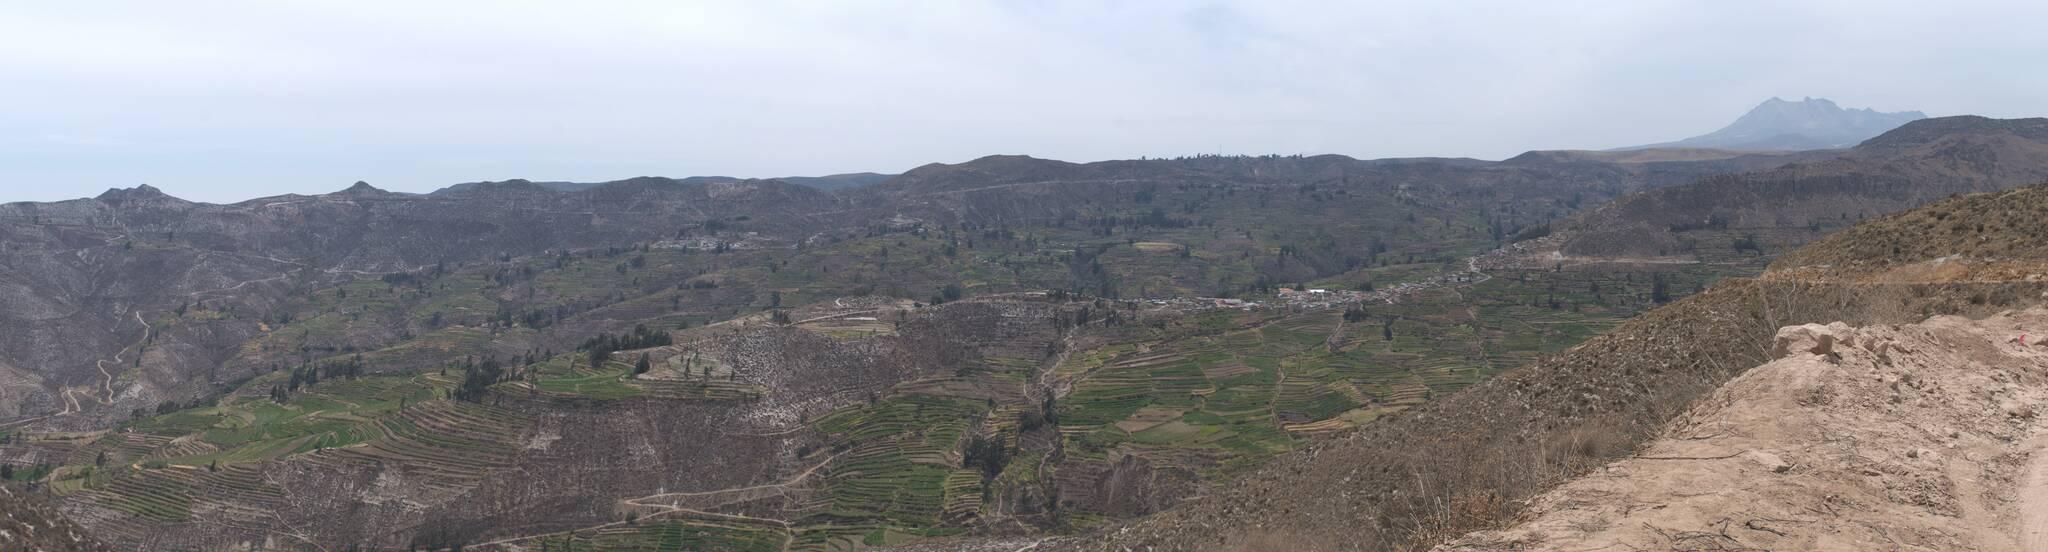 Miejscowość Puquina